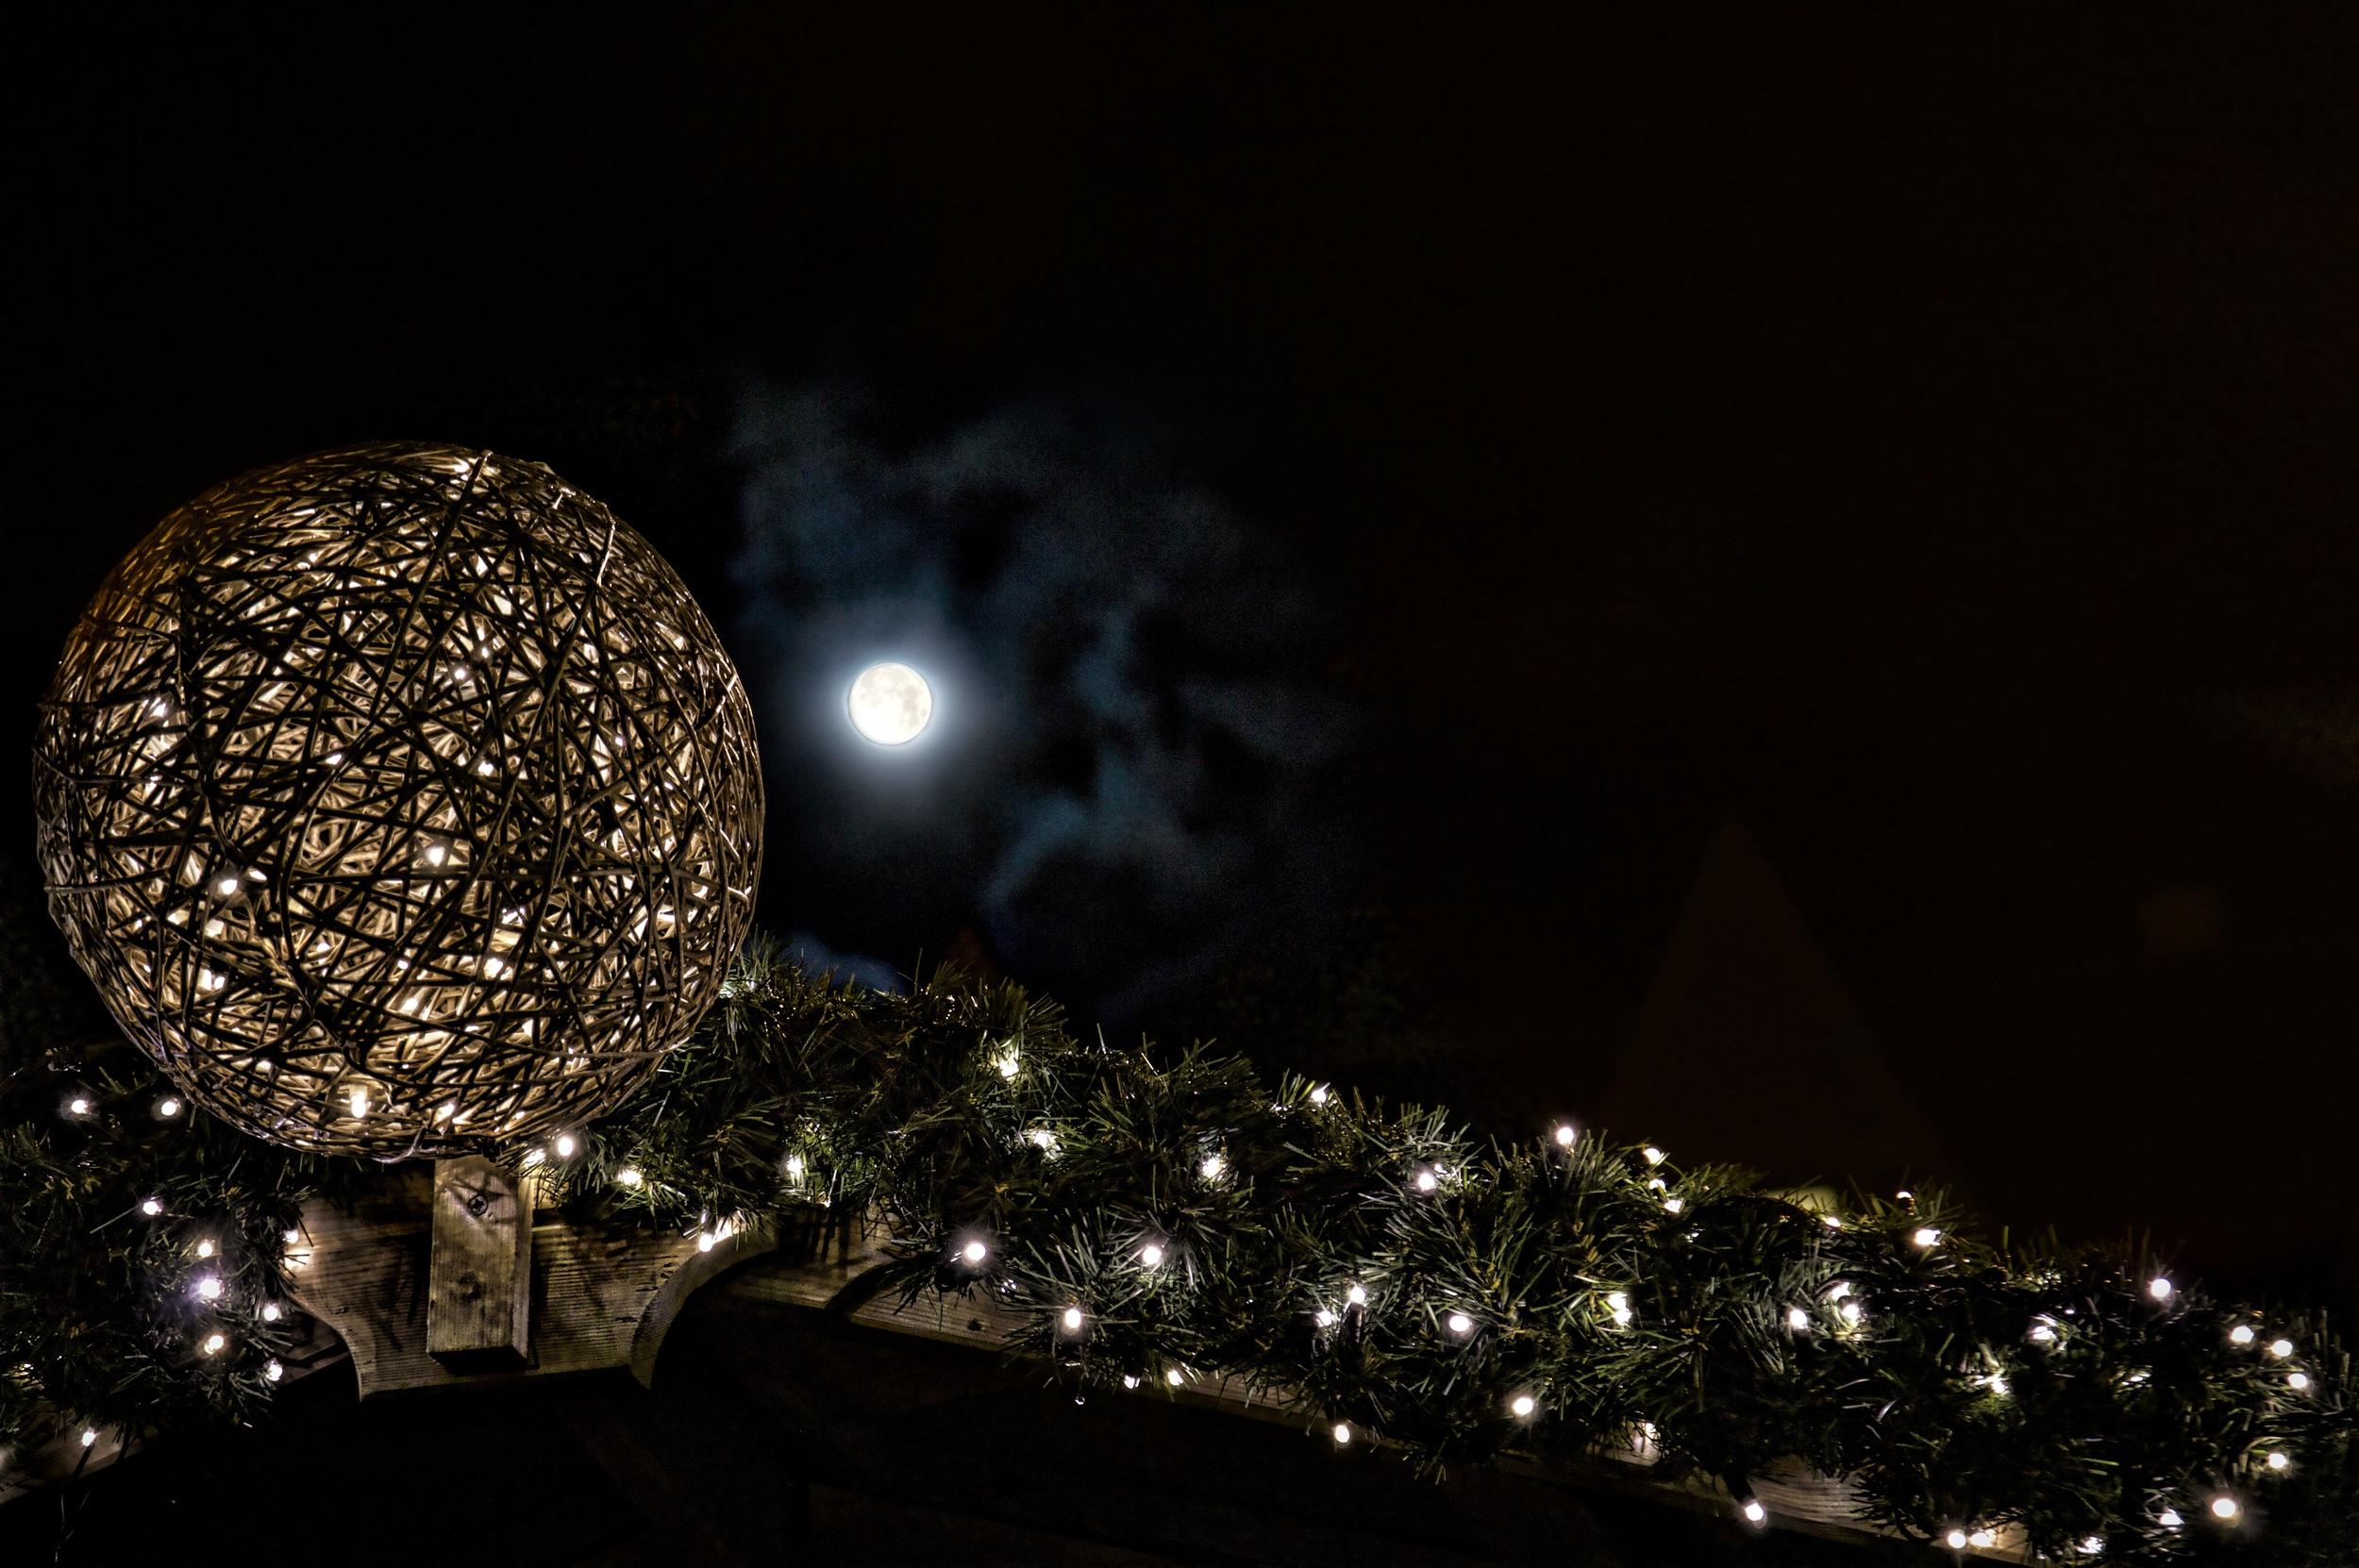 Moon lights up Christmas.jpg